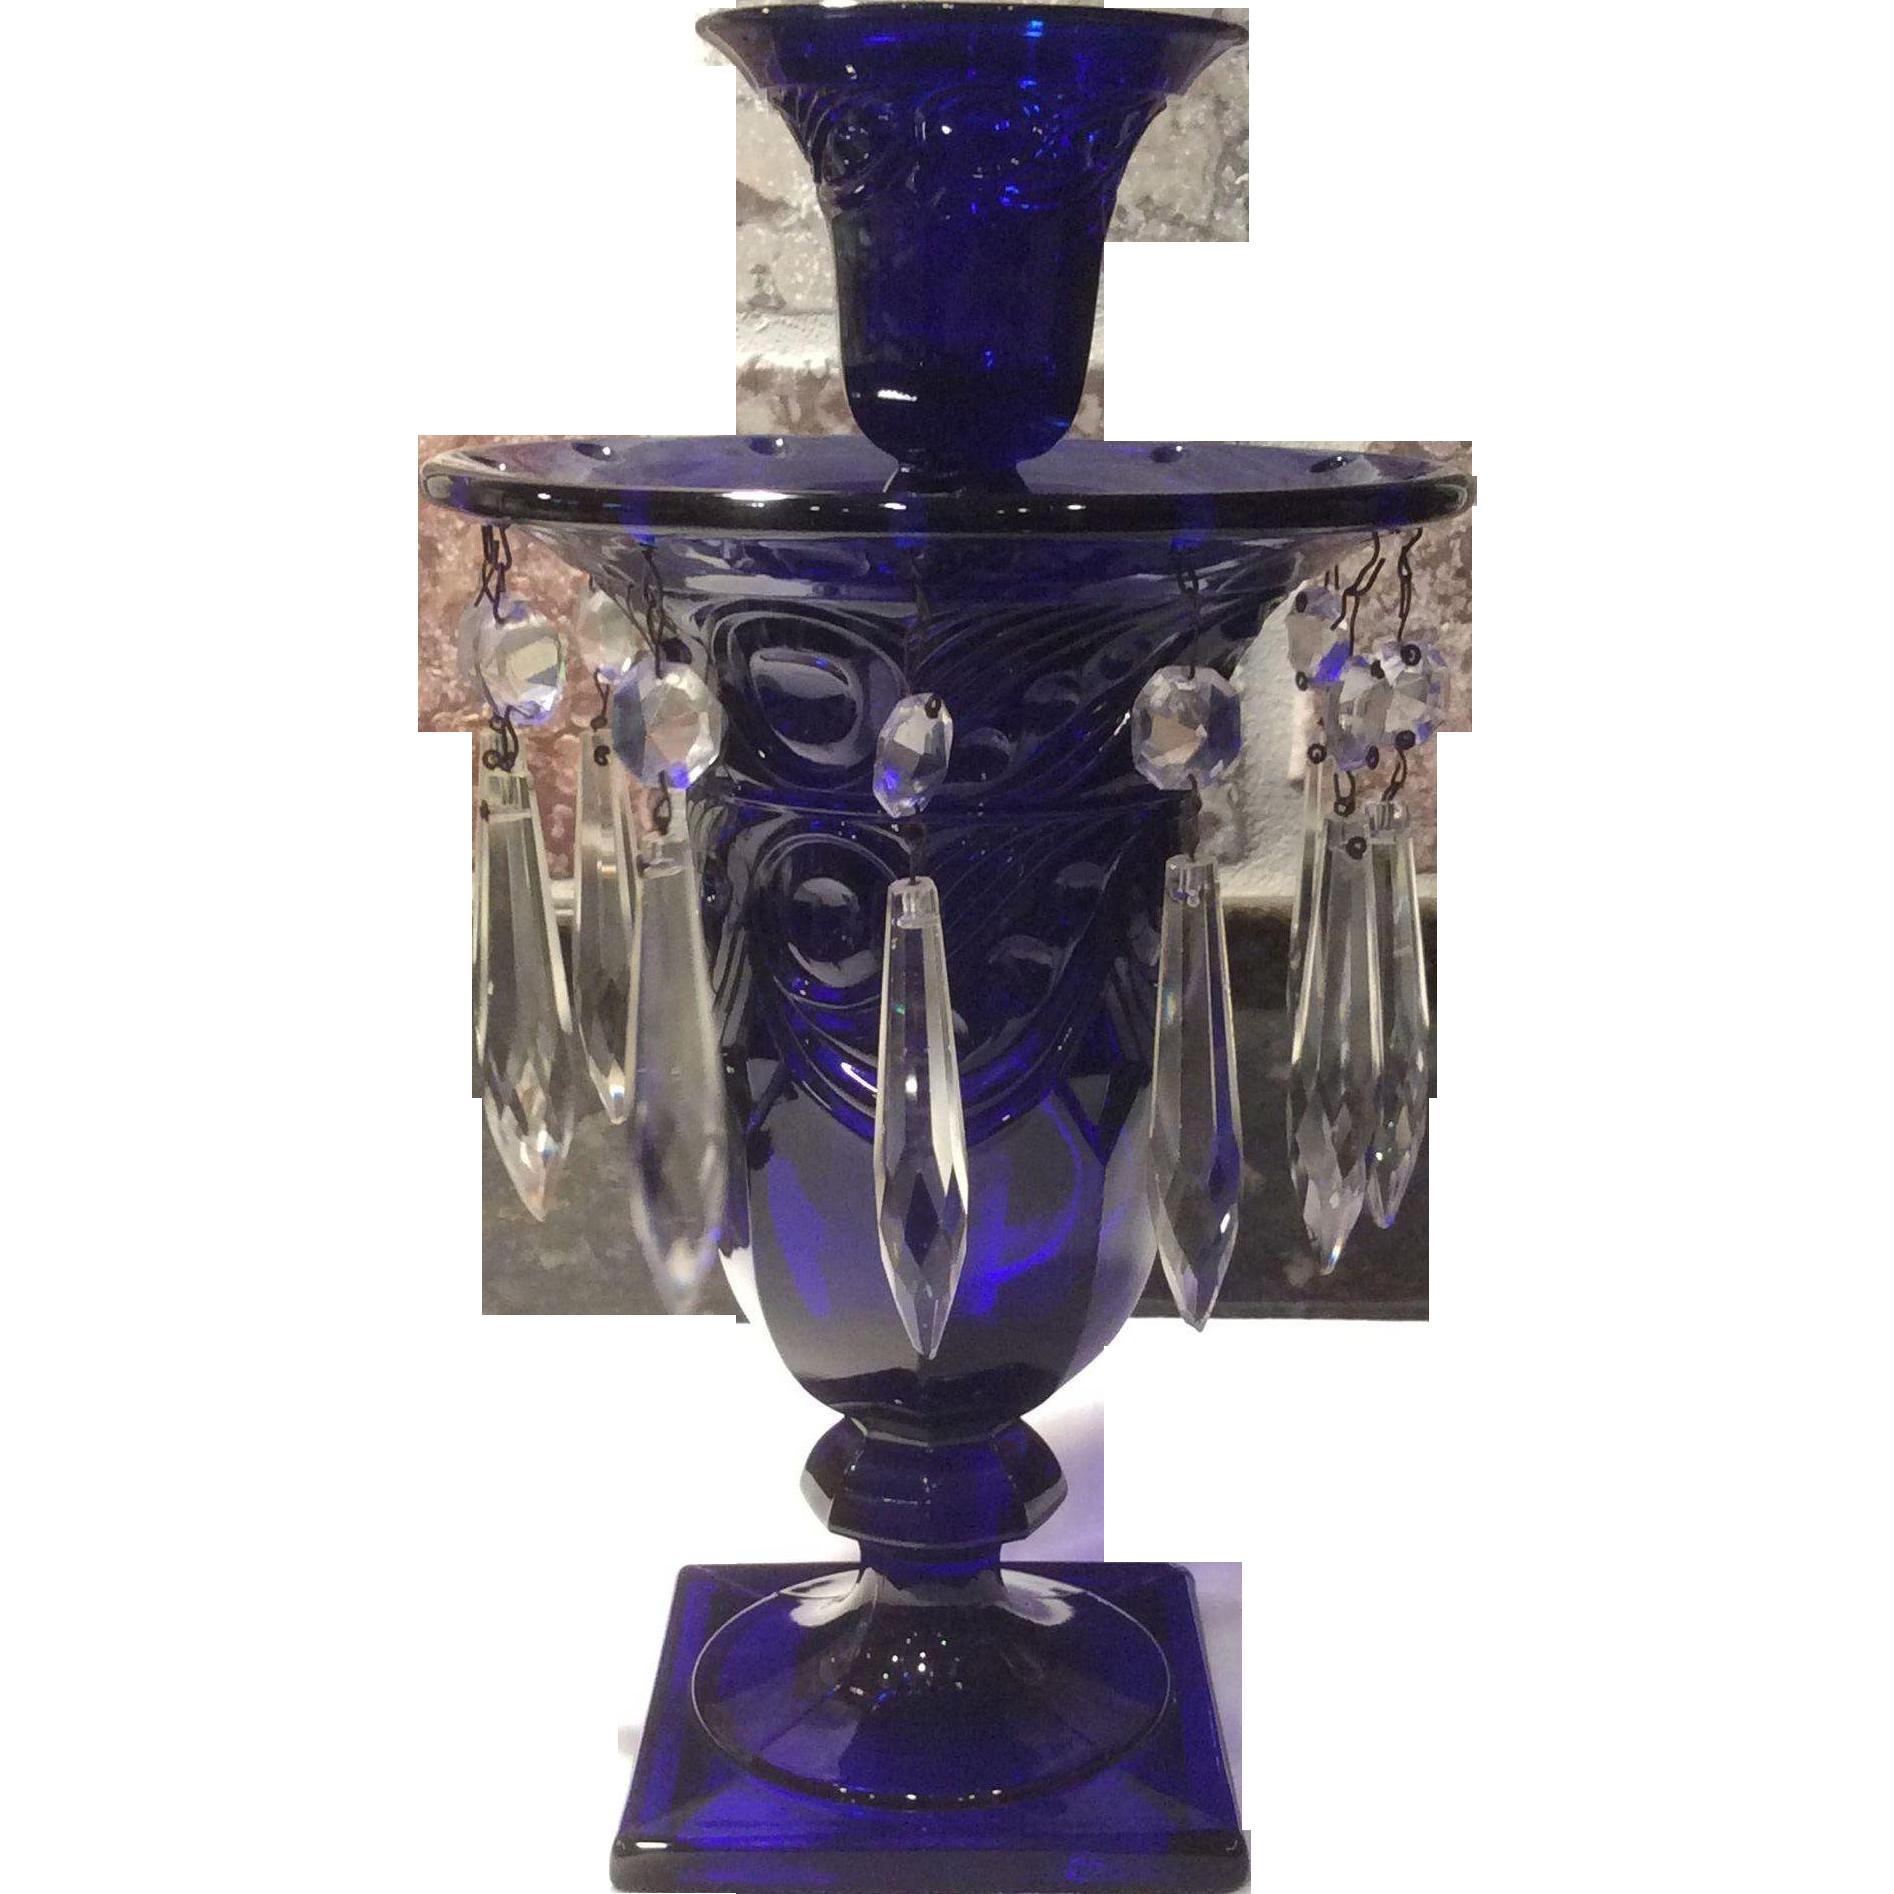 Heisey No 1405 Stiegel Blue Cobalt Ipswich Candelabra